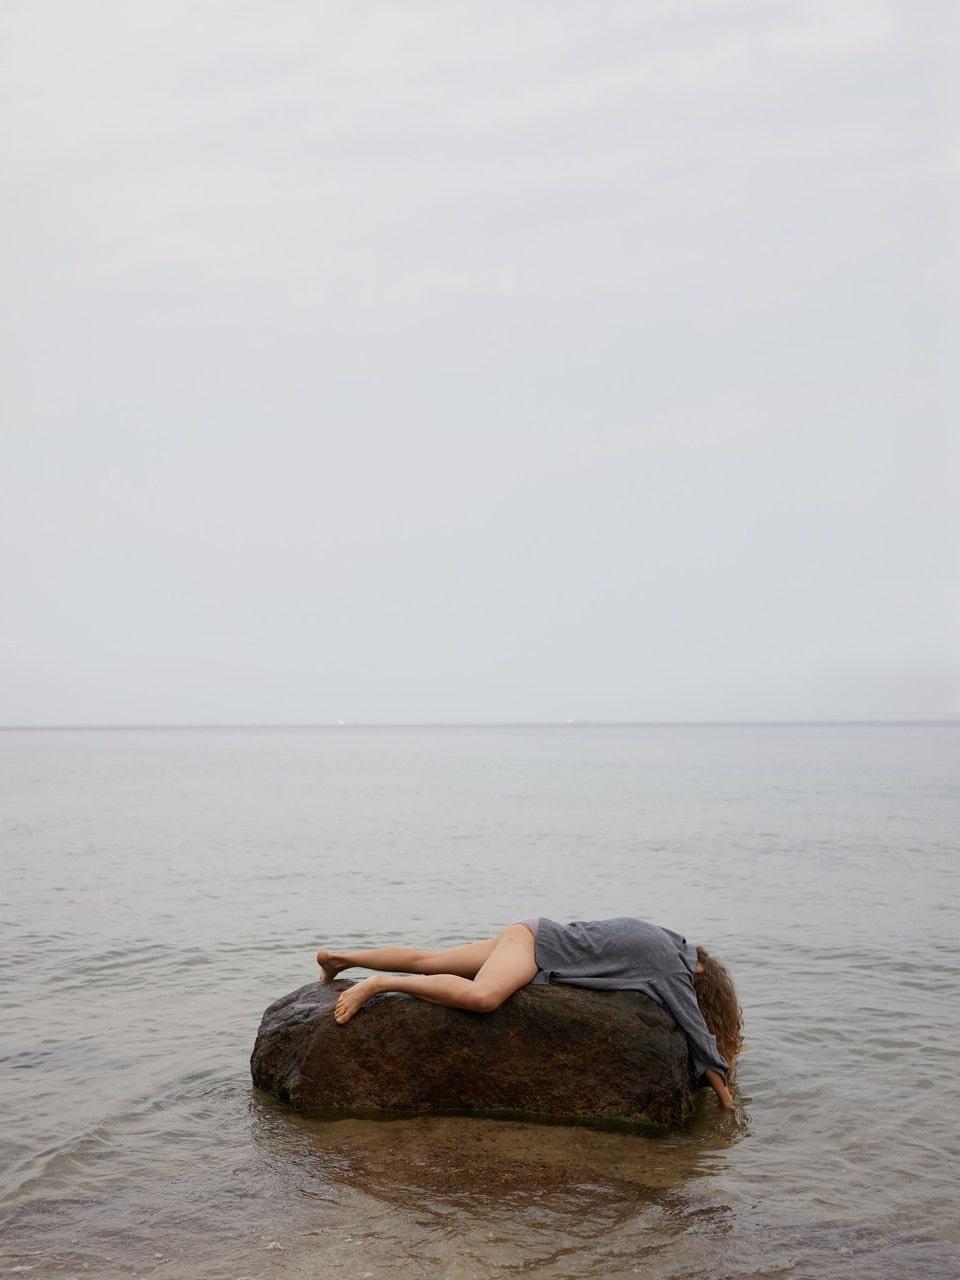 fotografia: kobieta leżąca na kamieniu, twarzą do dołu, kamień leży w wodzie